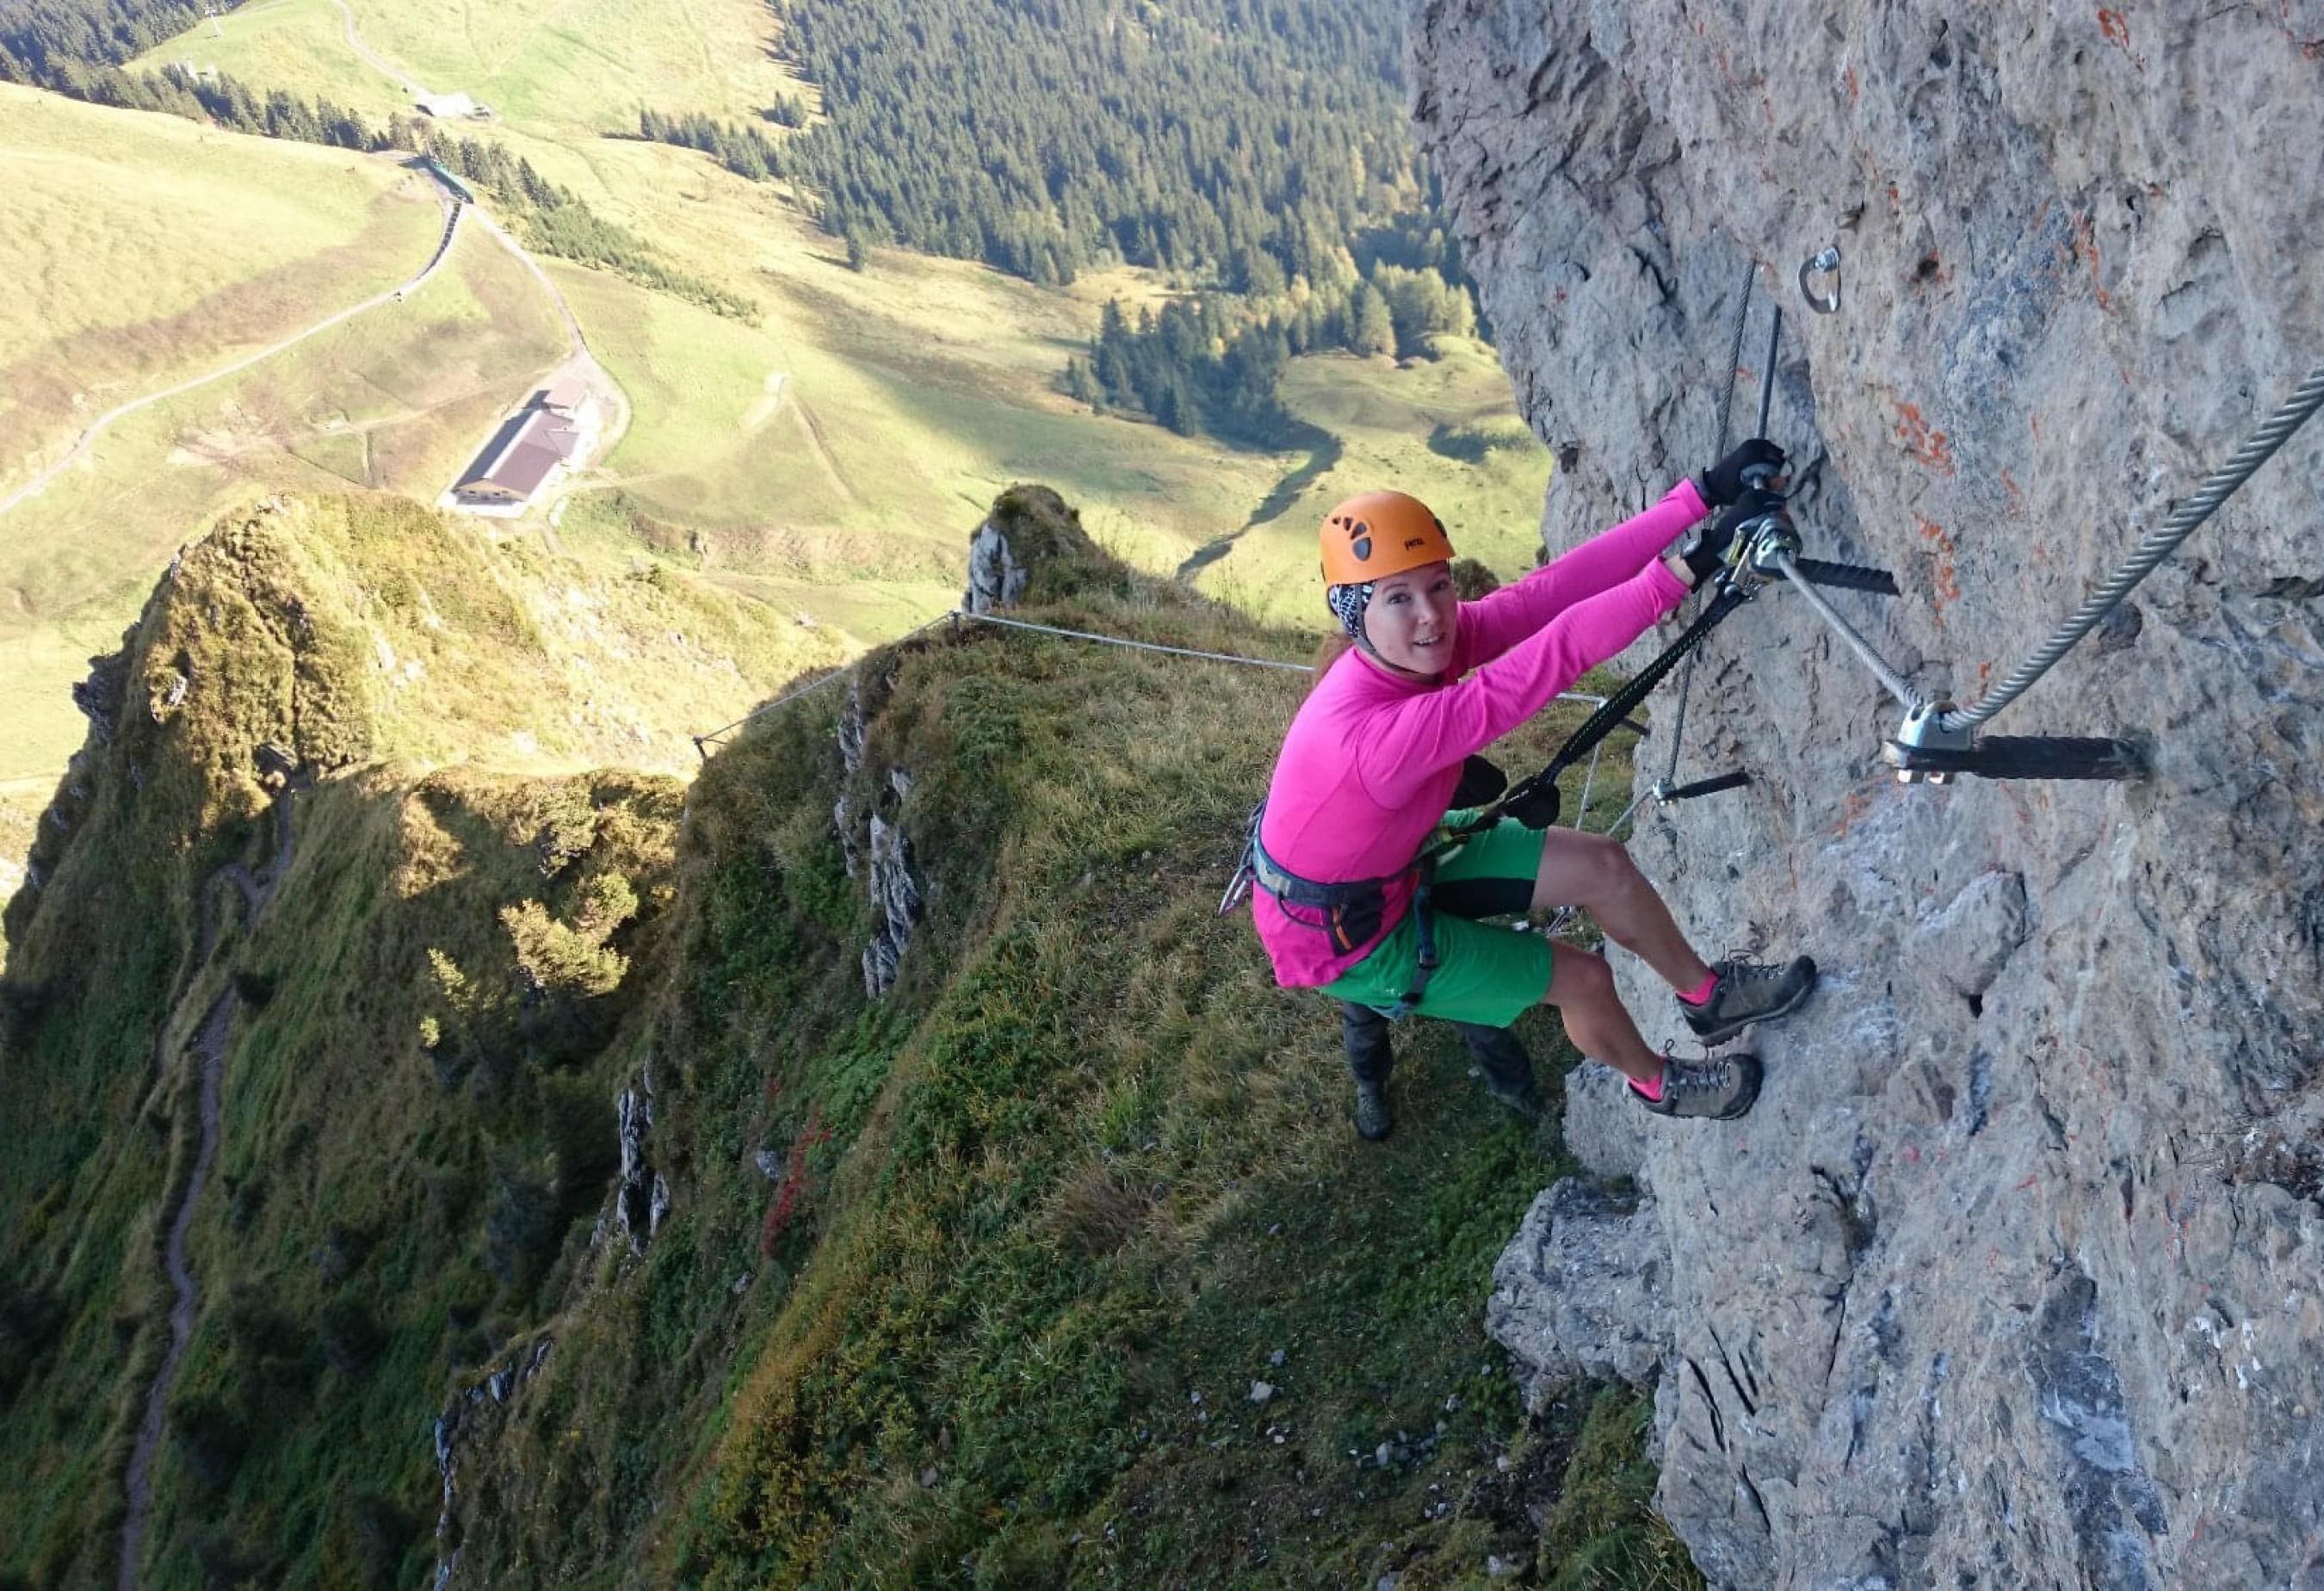 Klettersteig Kitzbüheler Horn : Klettersteige kitzalps guide st johann in tirol